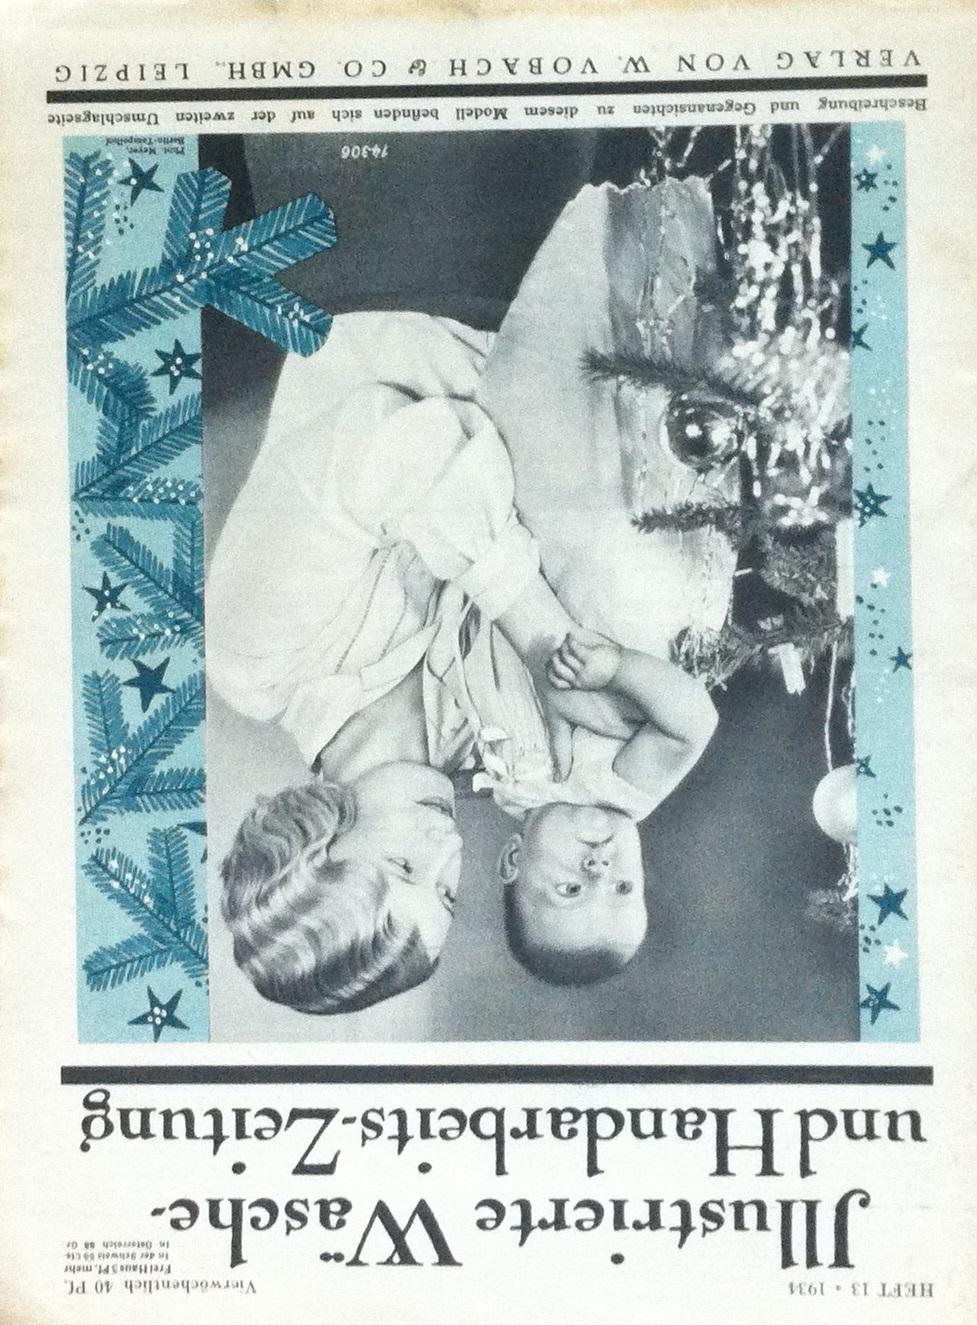 Illustrierte Wäsche- und Handarbeits-Zeitung No. 13 1934